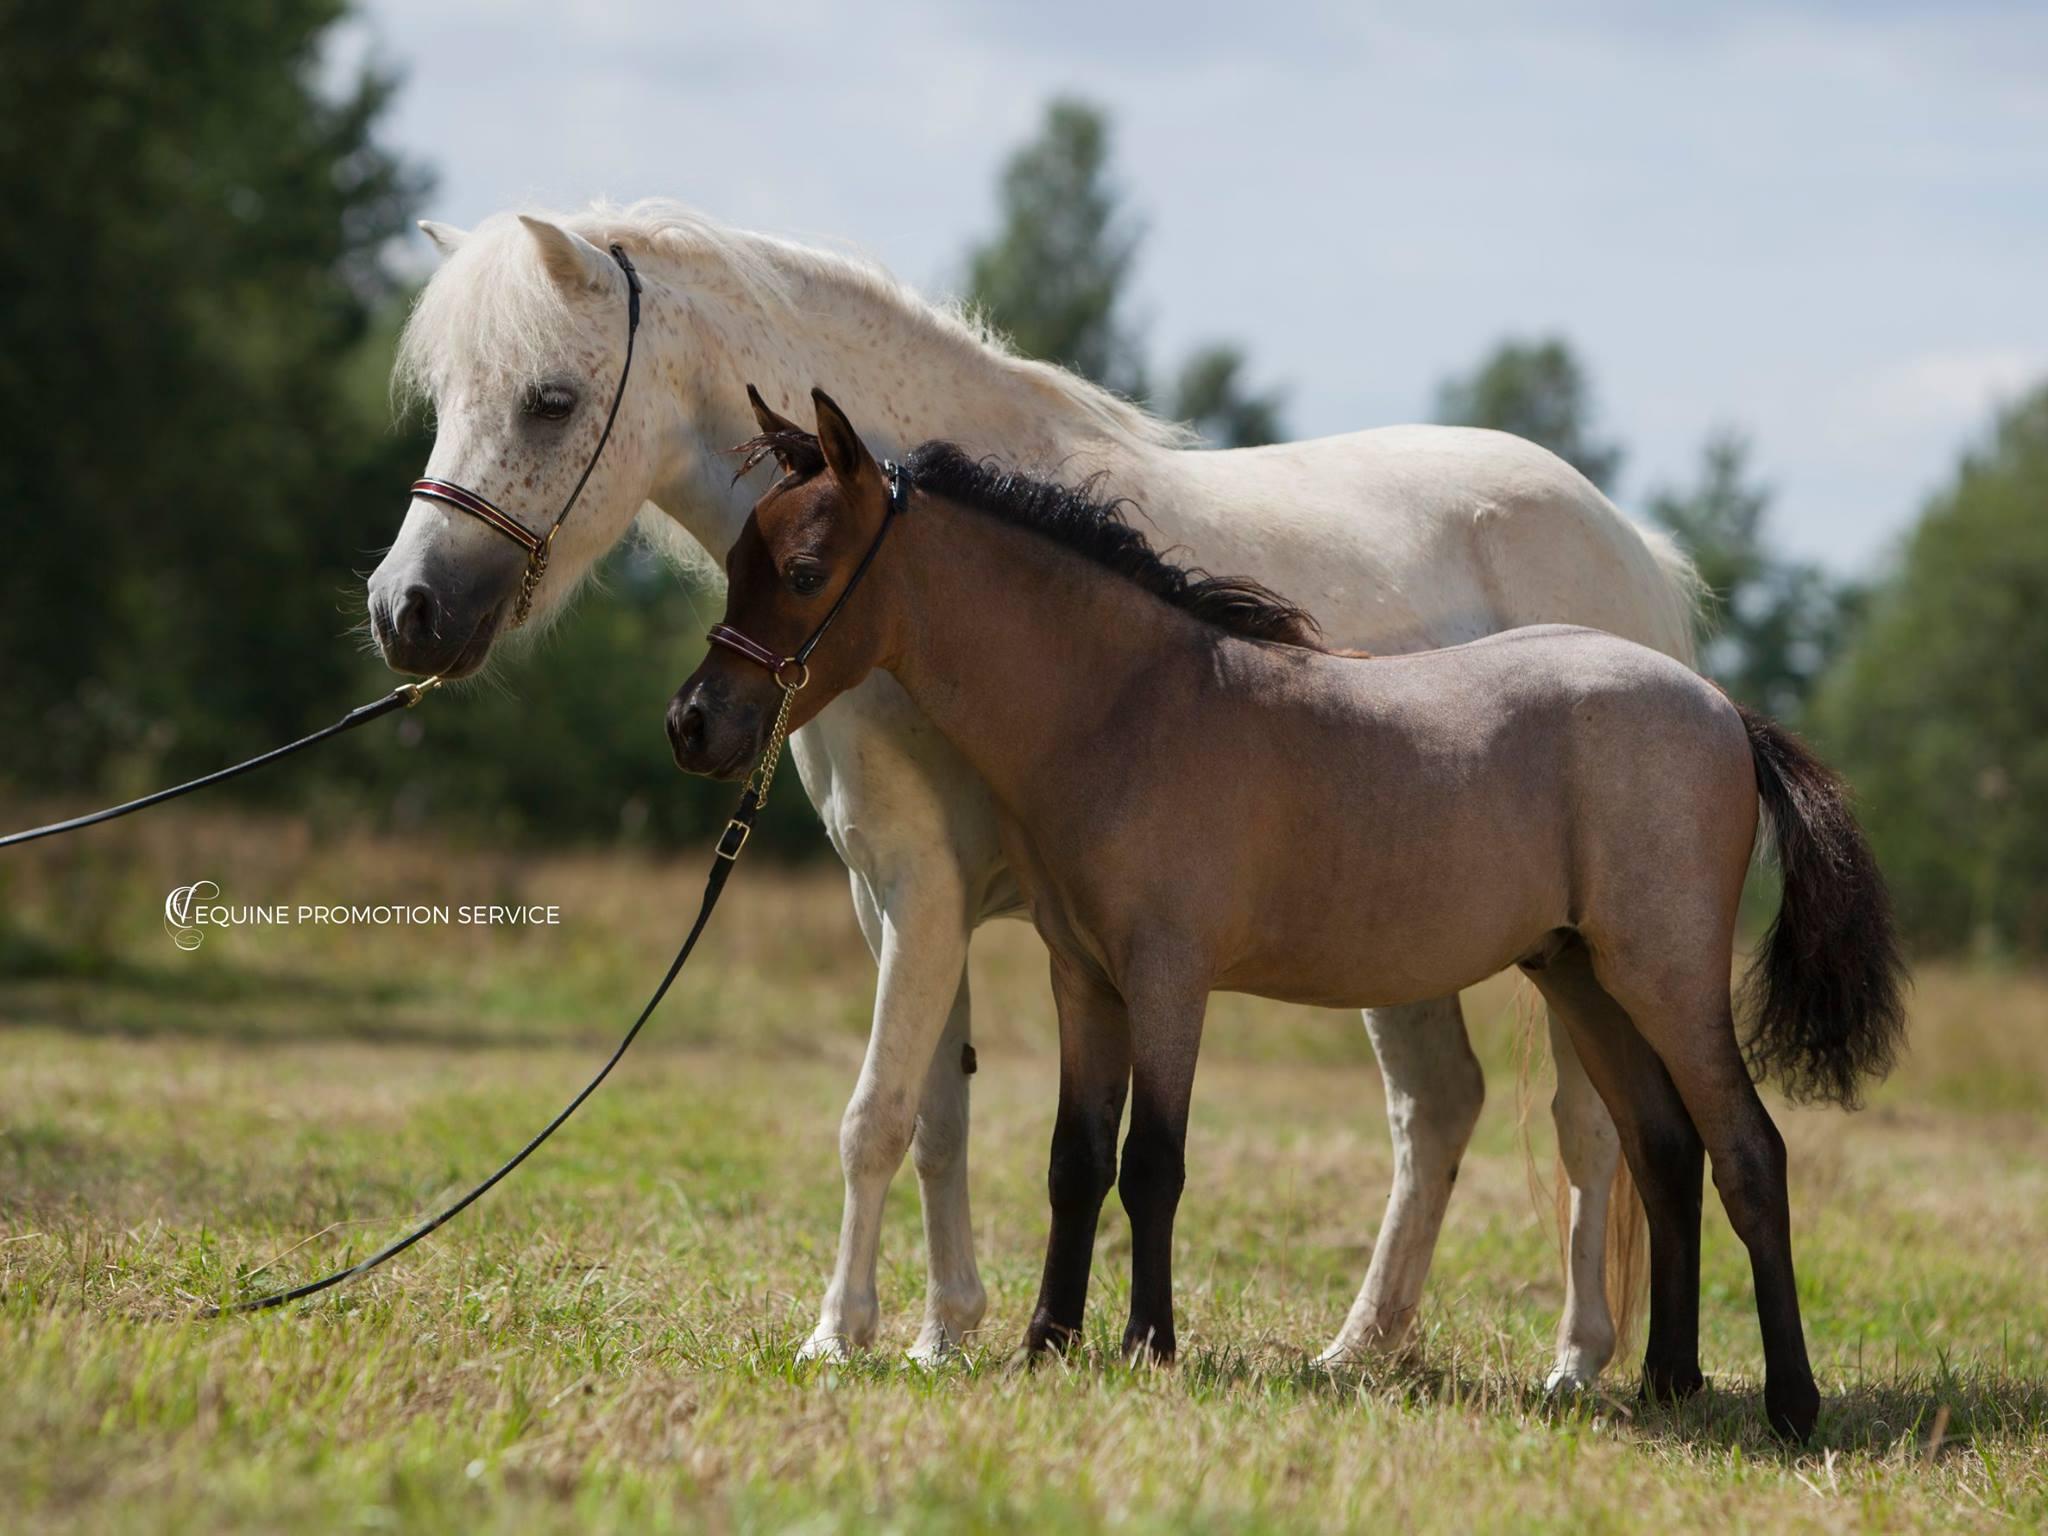 Wieviel kostet ein Amerikanisches Miniaturpferd? 1